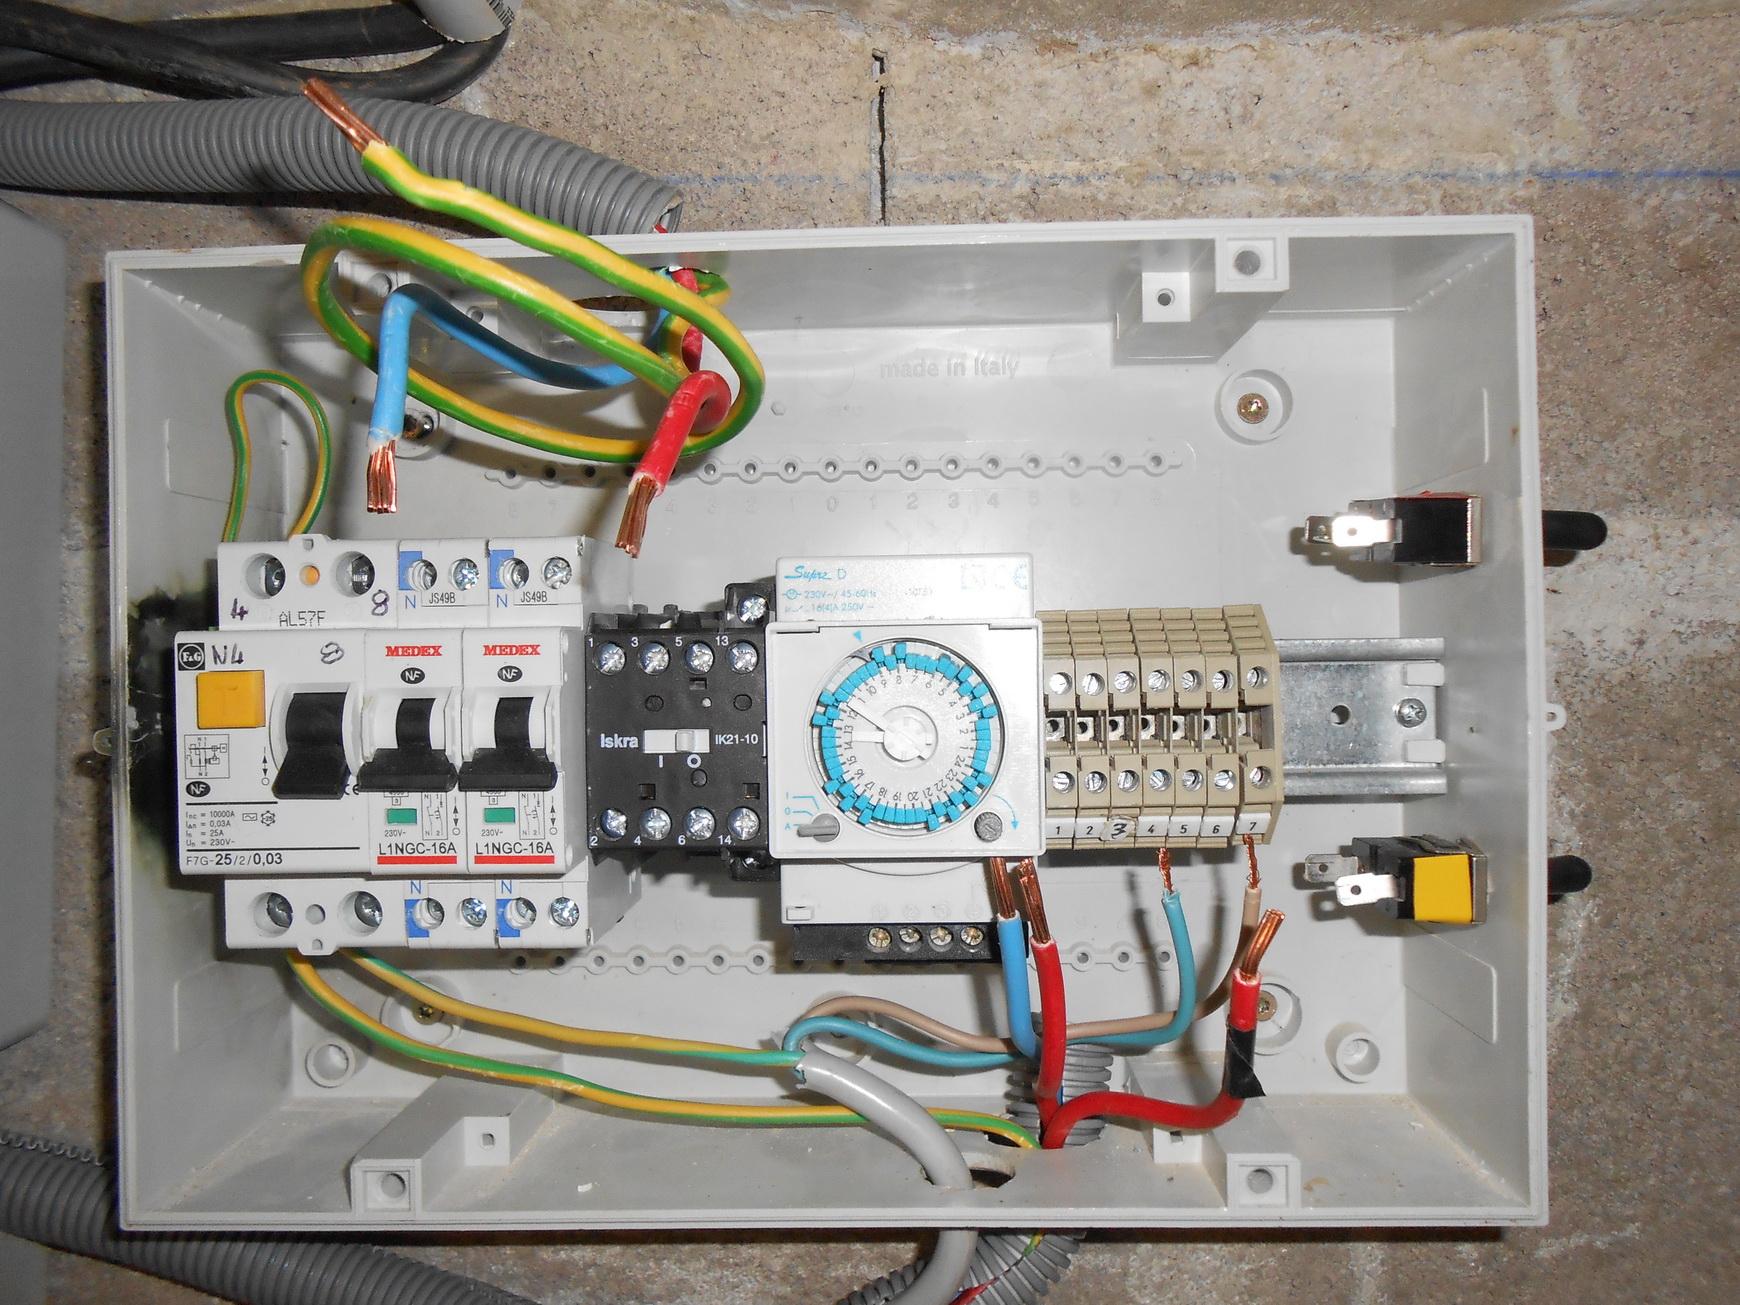 Résolu : Coffret Commande Et Coffret Eclairage Piscine ... avec Coffret Electrique Piscine